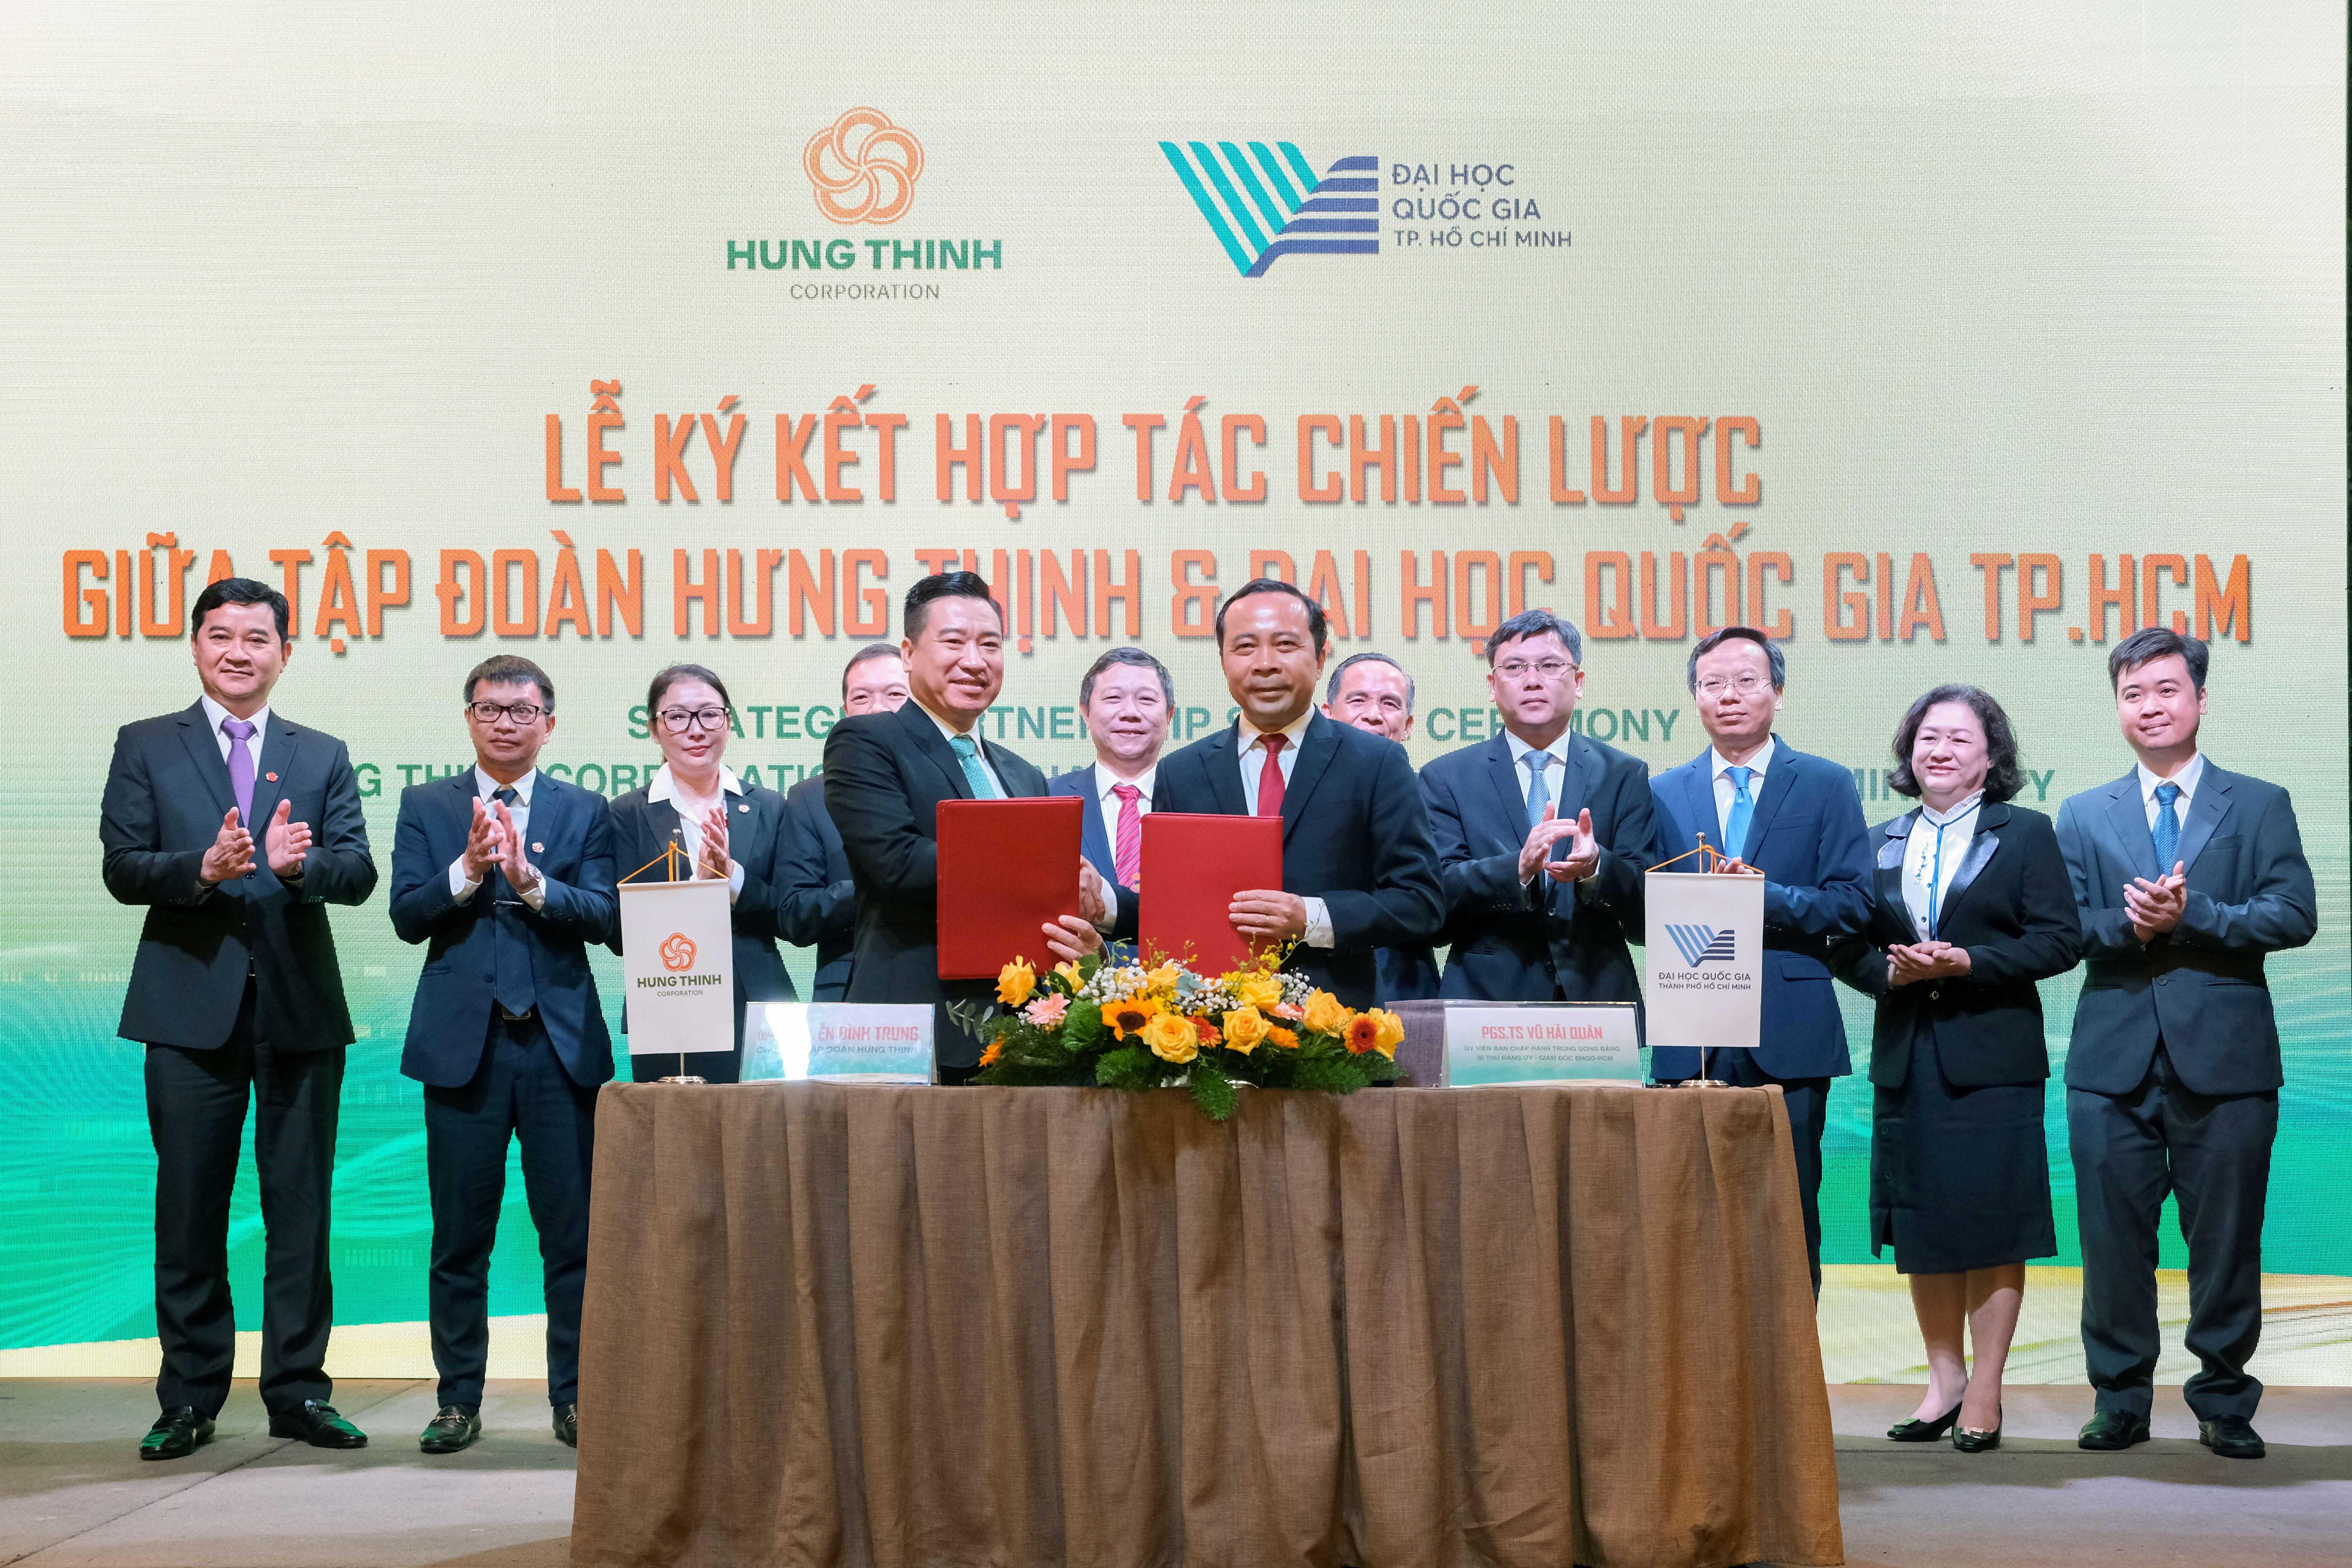 Tập đoàn Hưng Thịnh và Đại Học Quốc Gia TP.HCM ký kết hợp tác chiến lược - Ảnh 1